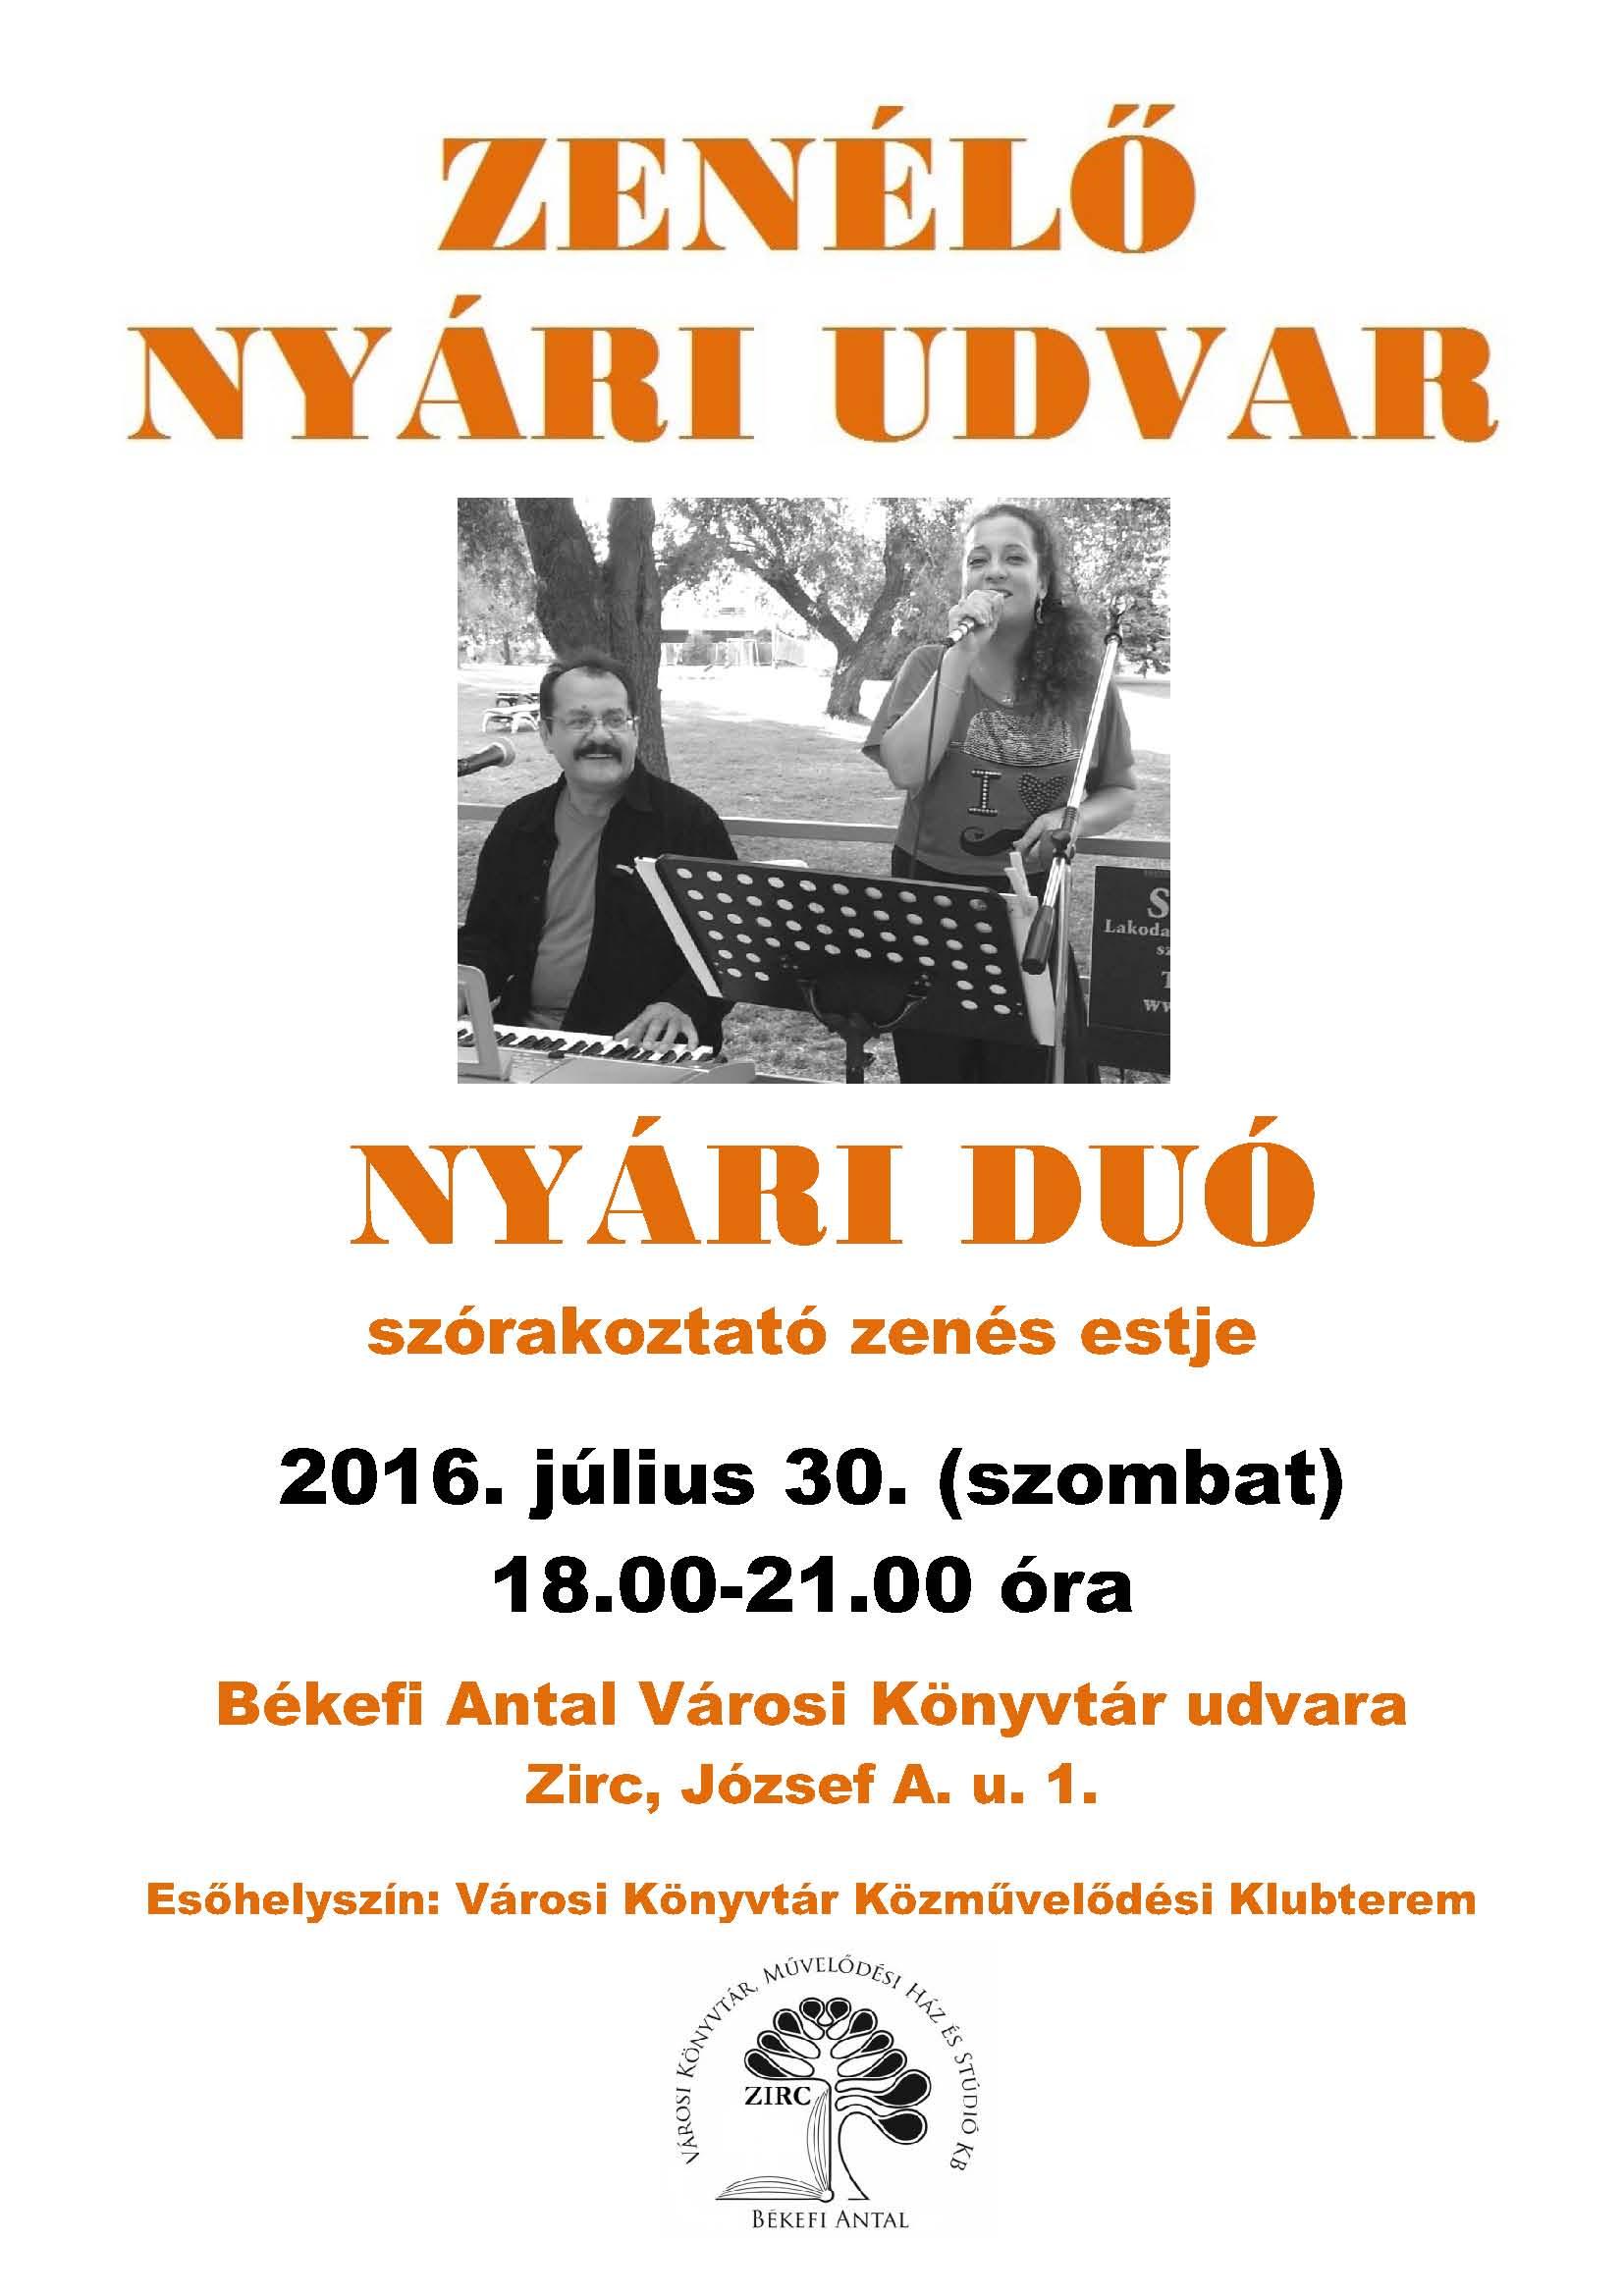 2016-07-30_zenelo_nyari_udvar_nyari_duo.jpg